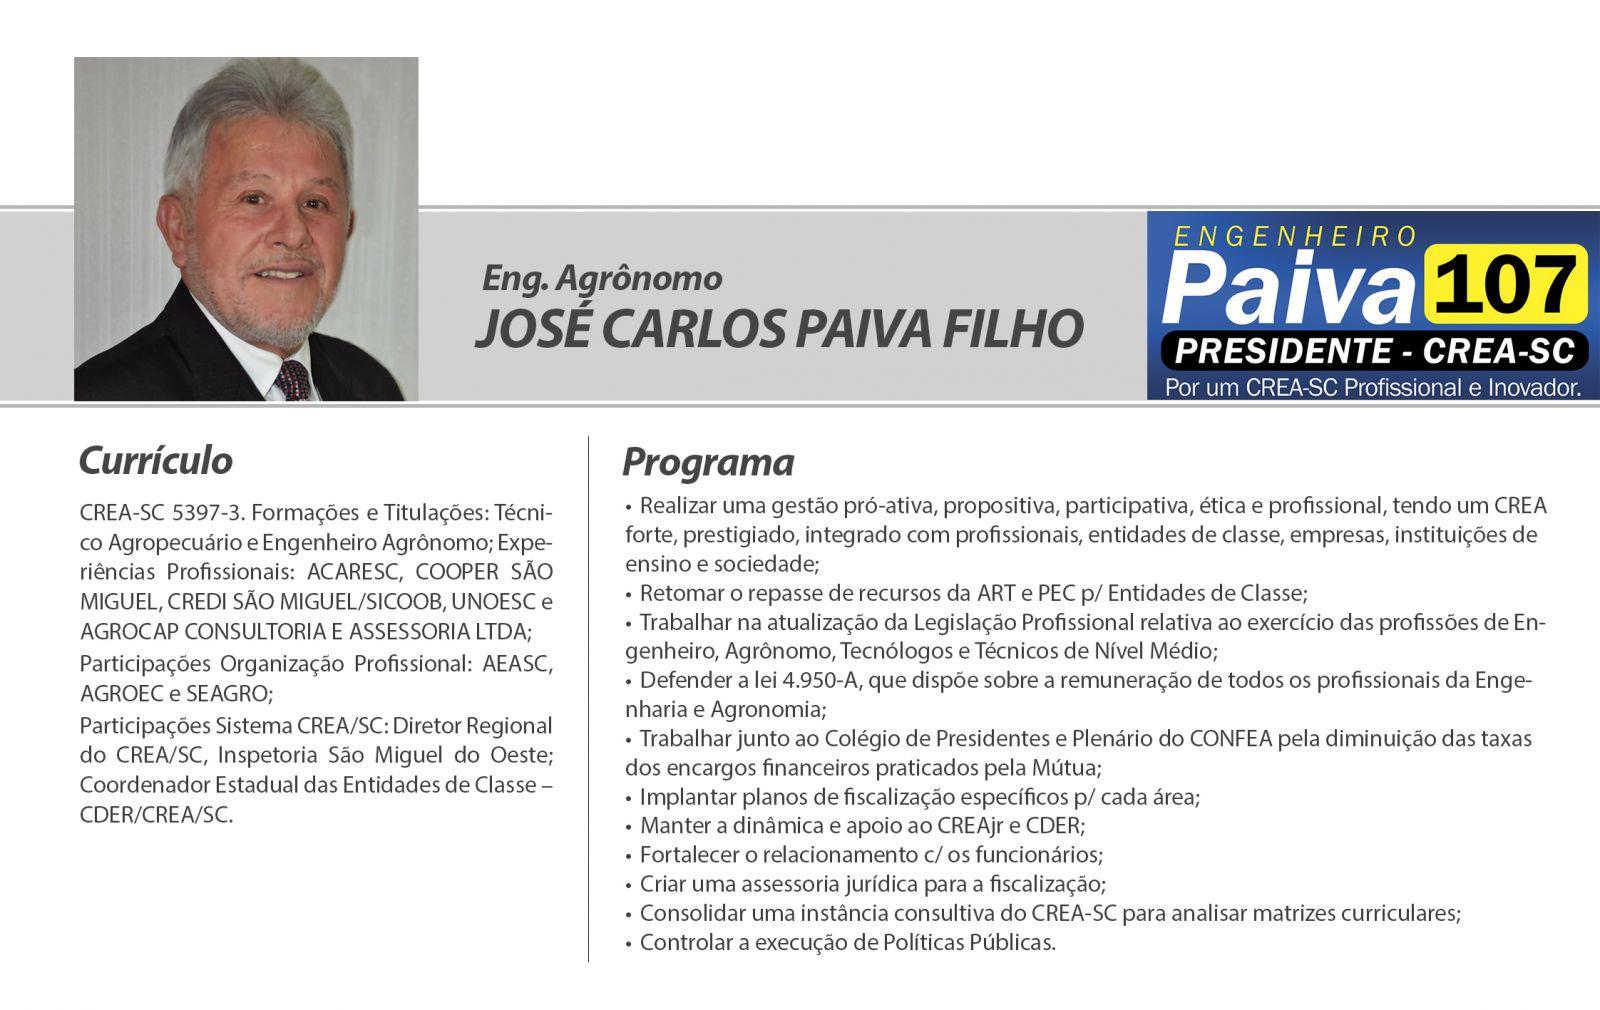 Agrônomo da região é um dos candidatos à presidência do Crea